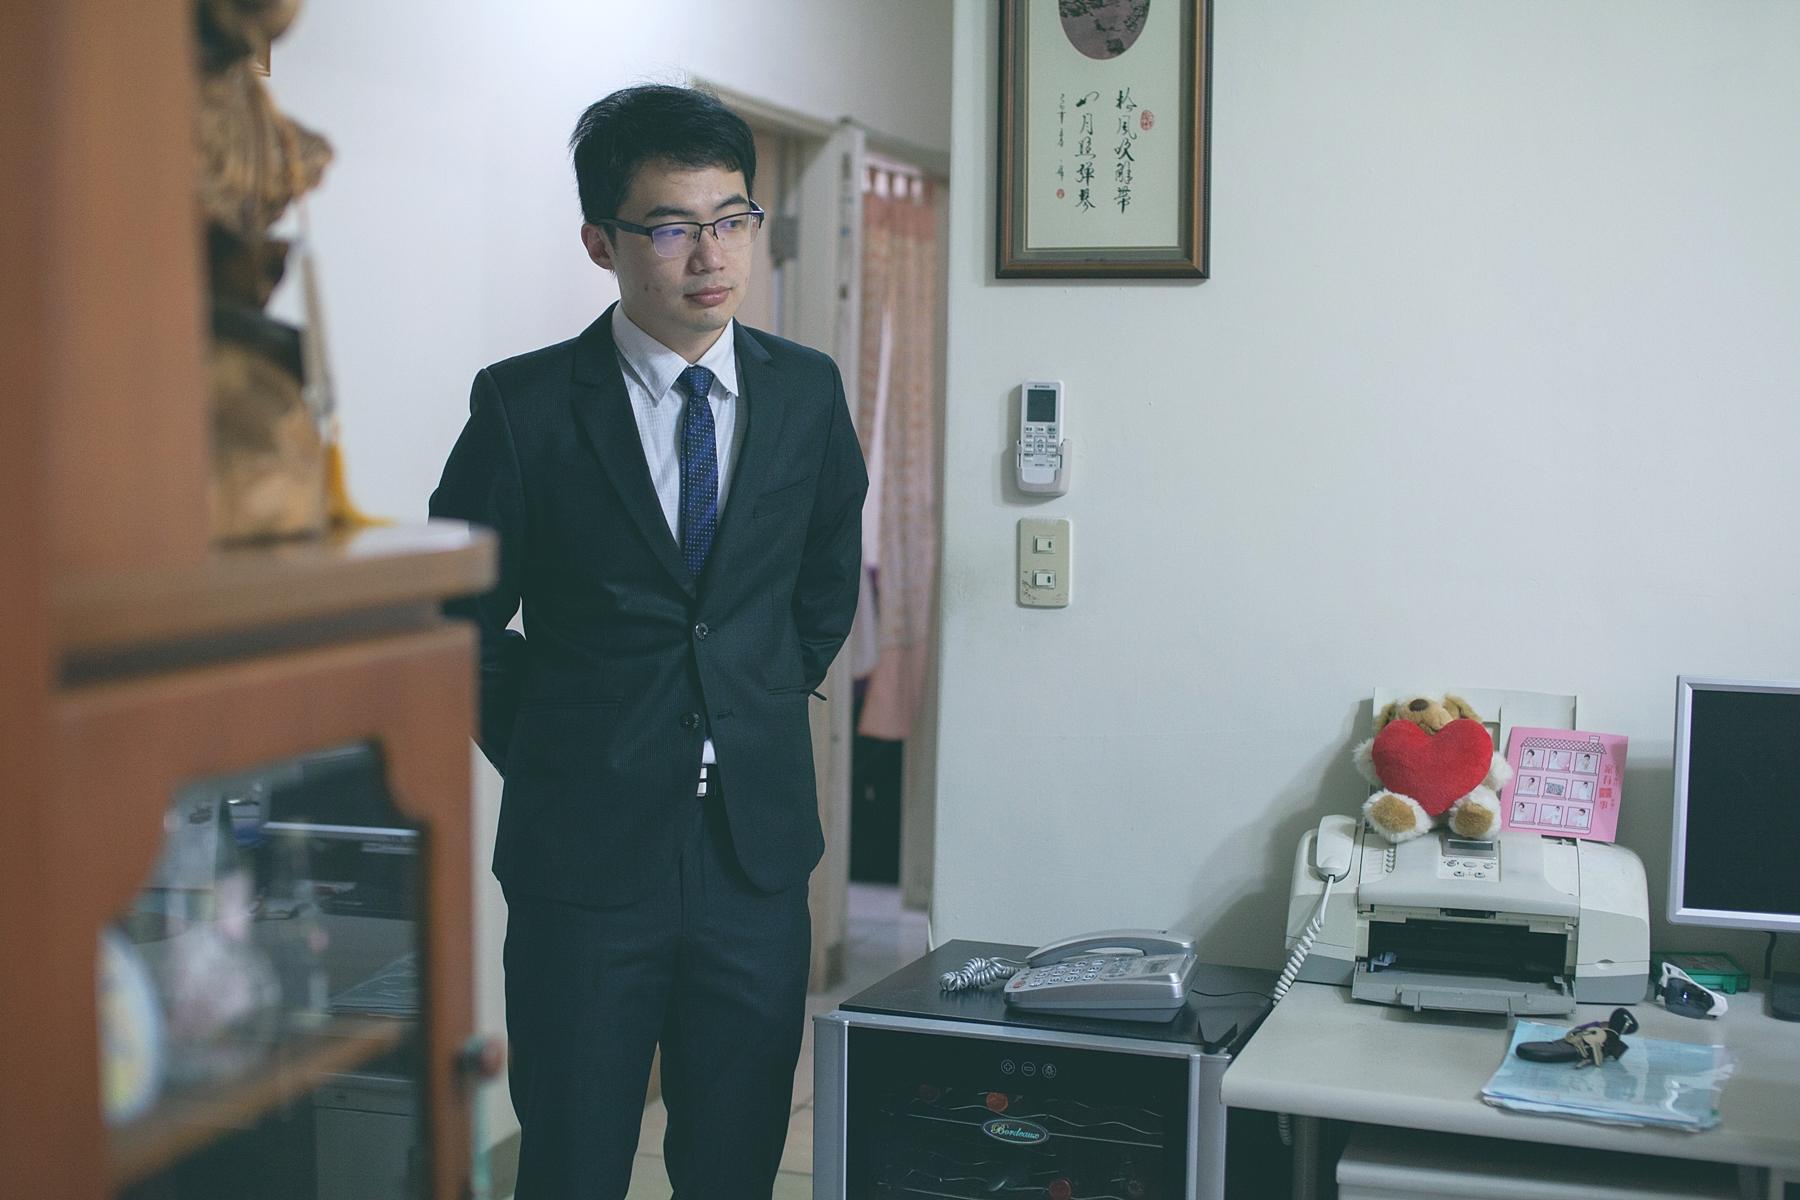 婚禮攝影,婚攝,婚禮記錄,台北,南港,雅悅會館,底片風格,自然